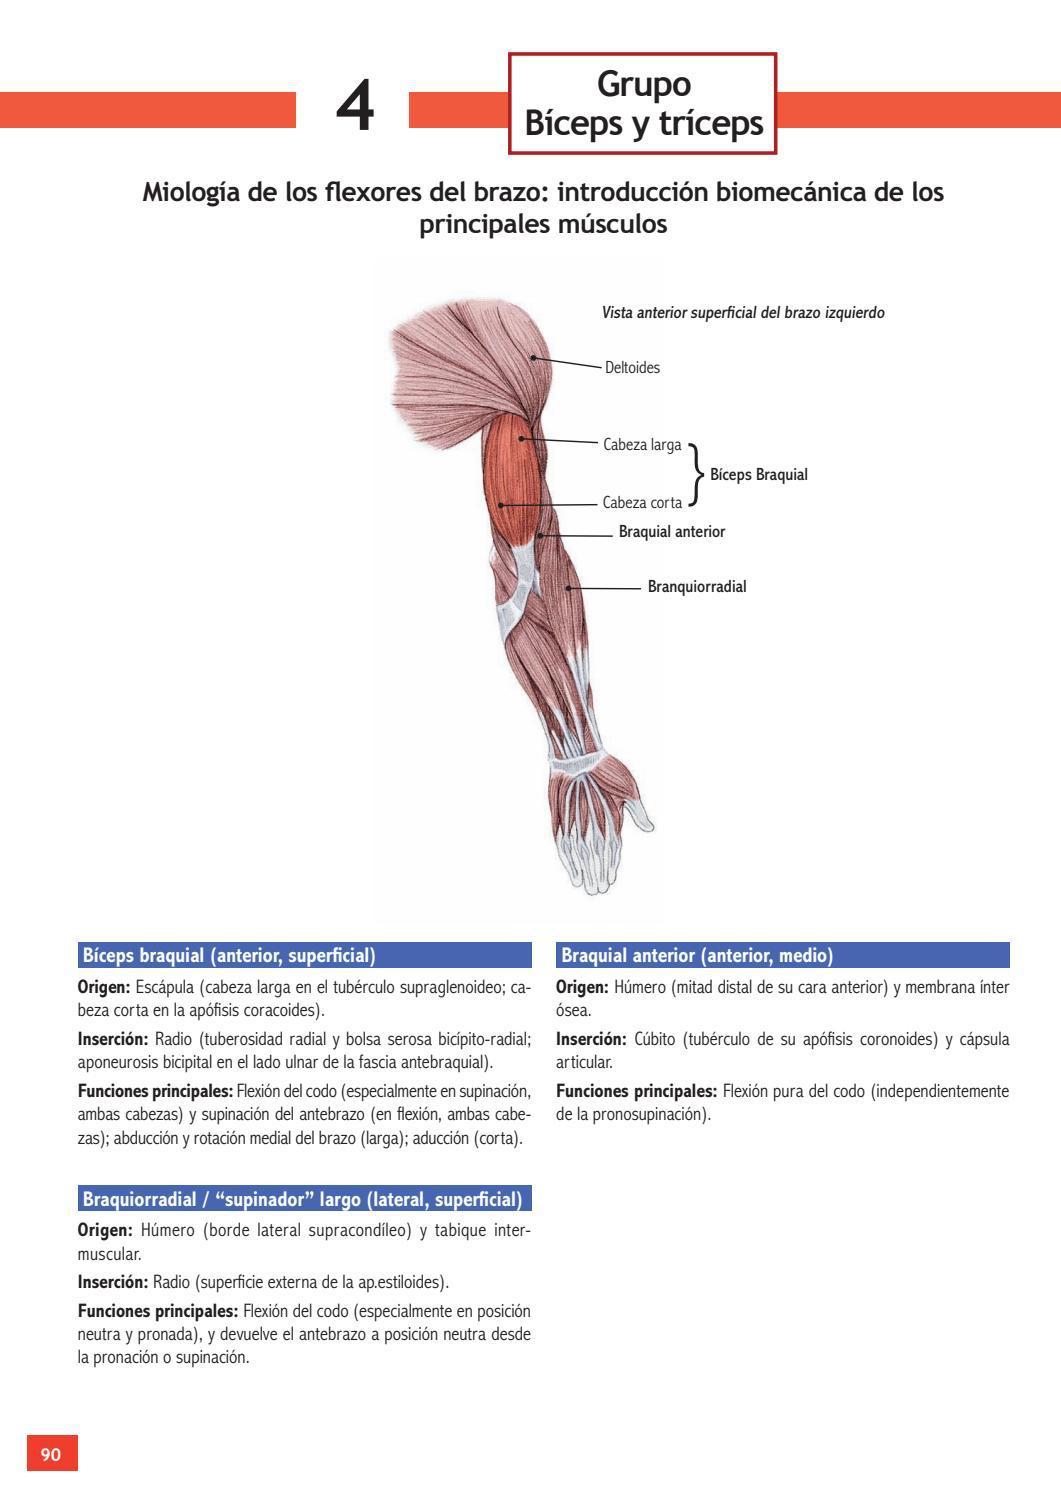 Enciclopedia de ejercicios de estiramientos by efdgq - issuu